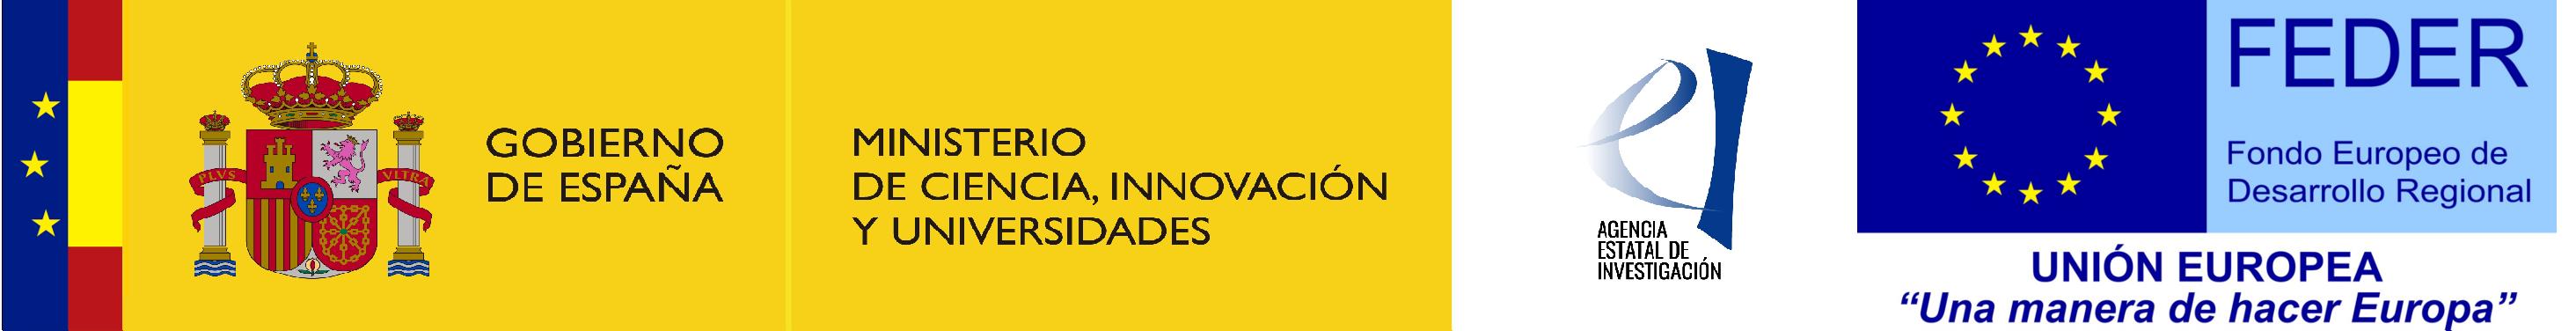 Ministerio de Ciencia, Innovación y Universidades – Agencia Estatal de Investigación; FEDER/ERDF